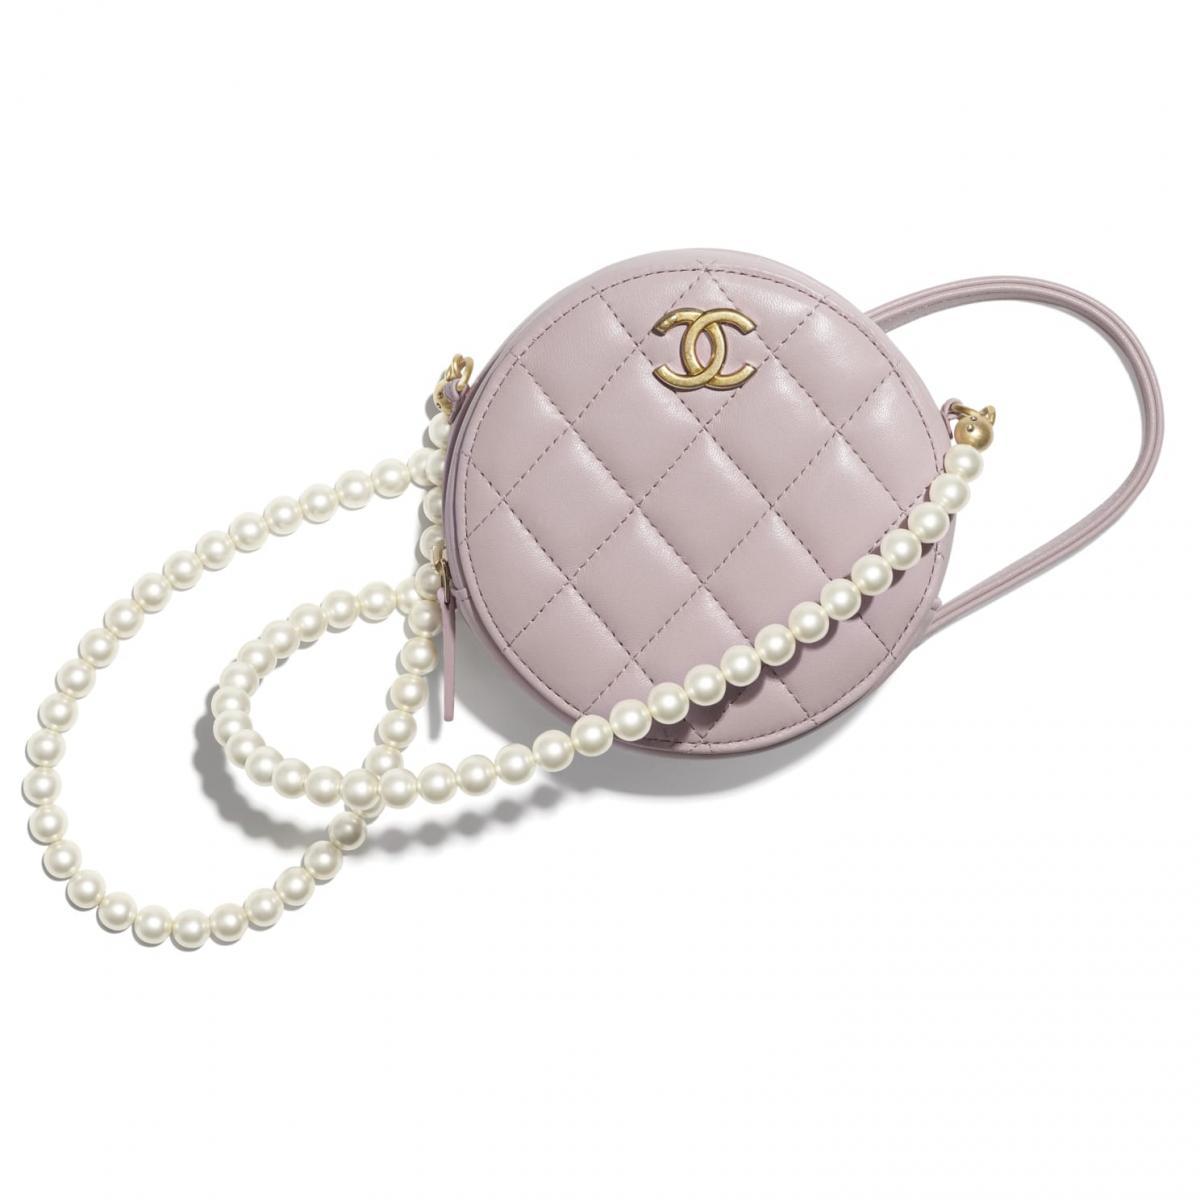 2021年Chanel春夏包包「寶寶粉」推薦這8款!水桶包、圓餅包 、零錢包 .....19口蓋包有錢不一定買的到-5